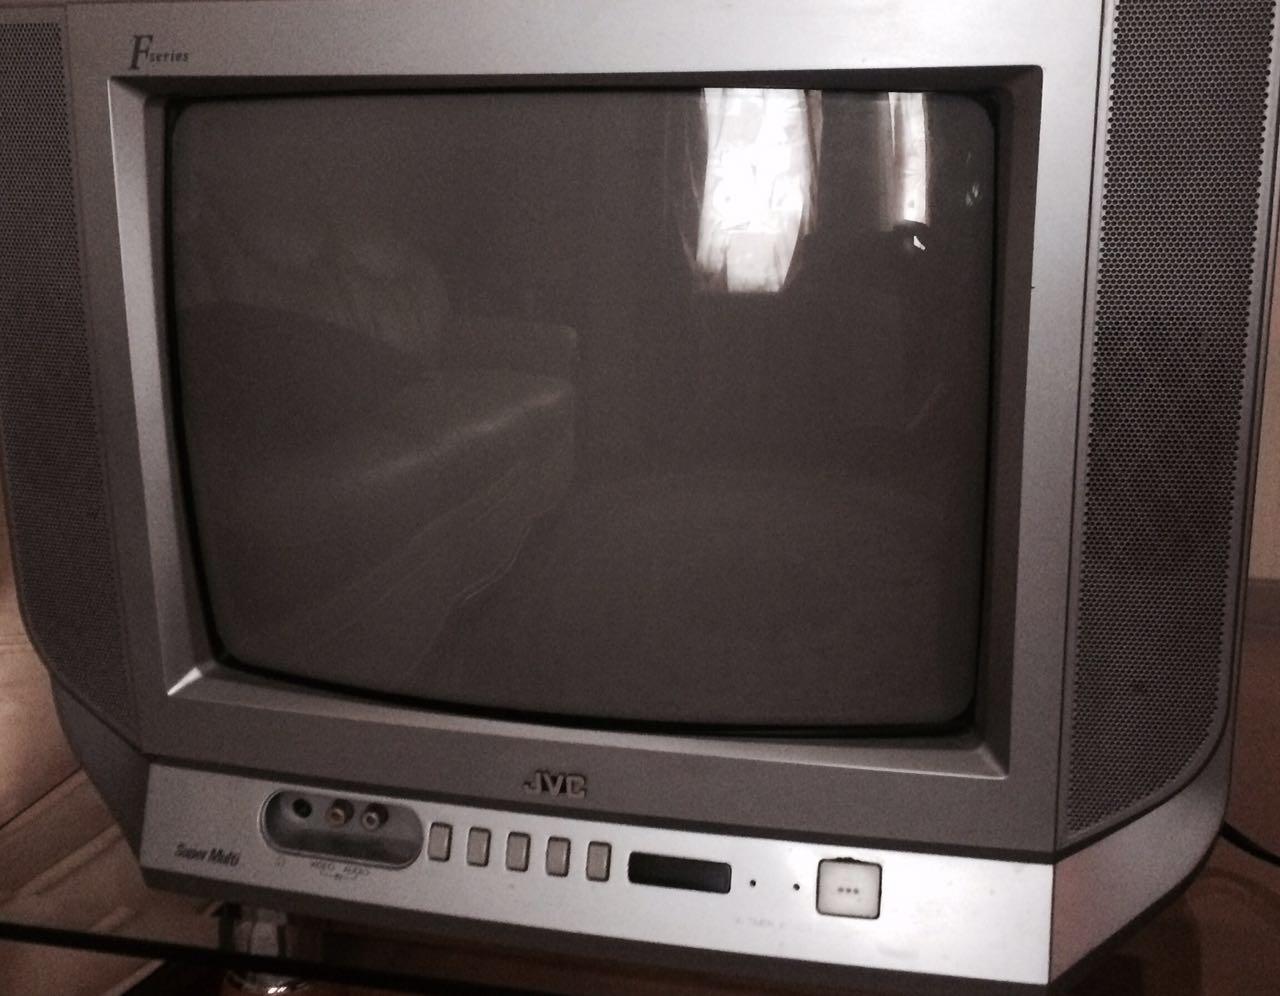 Продать jvc телевизор ломбард часы стоимость победа